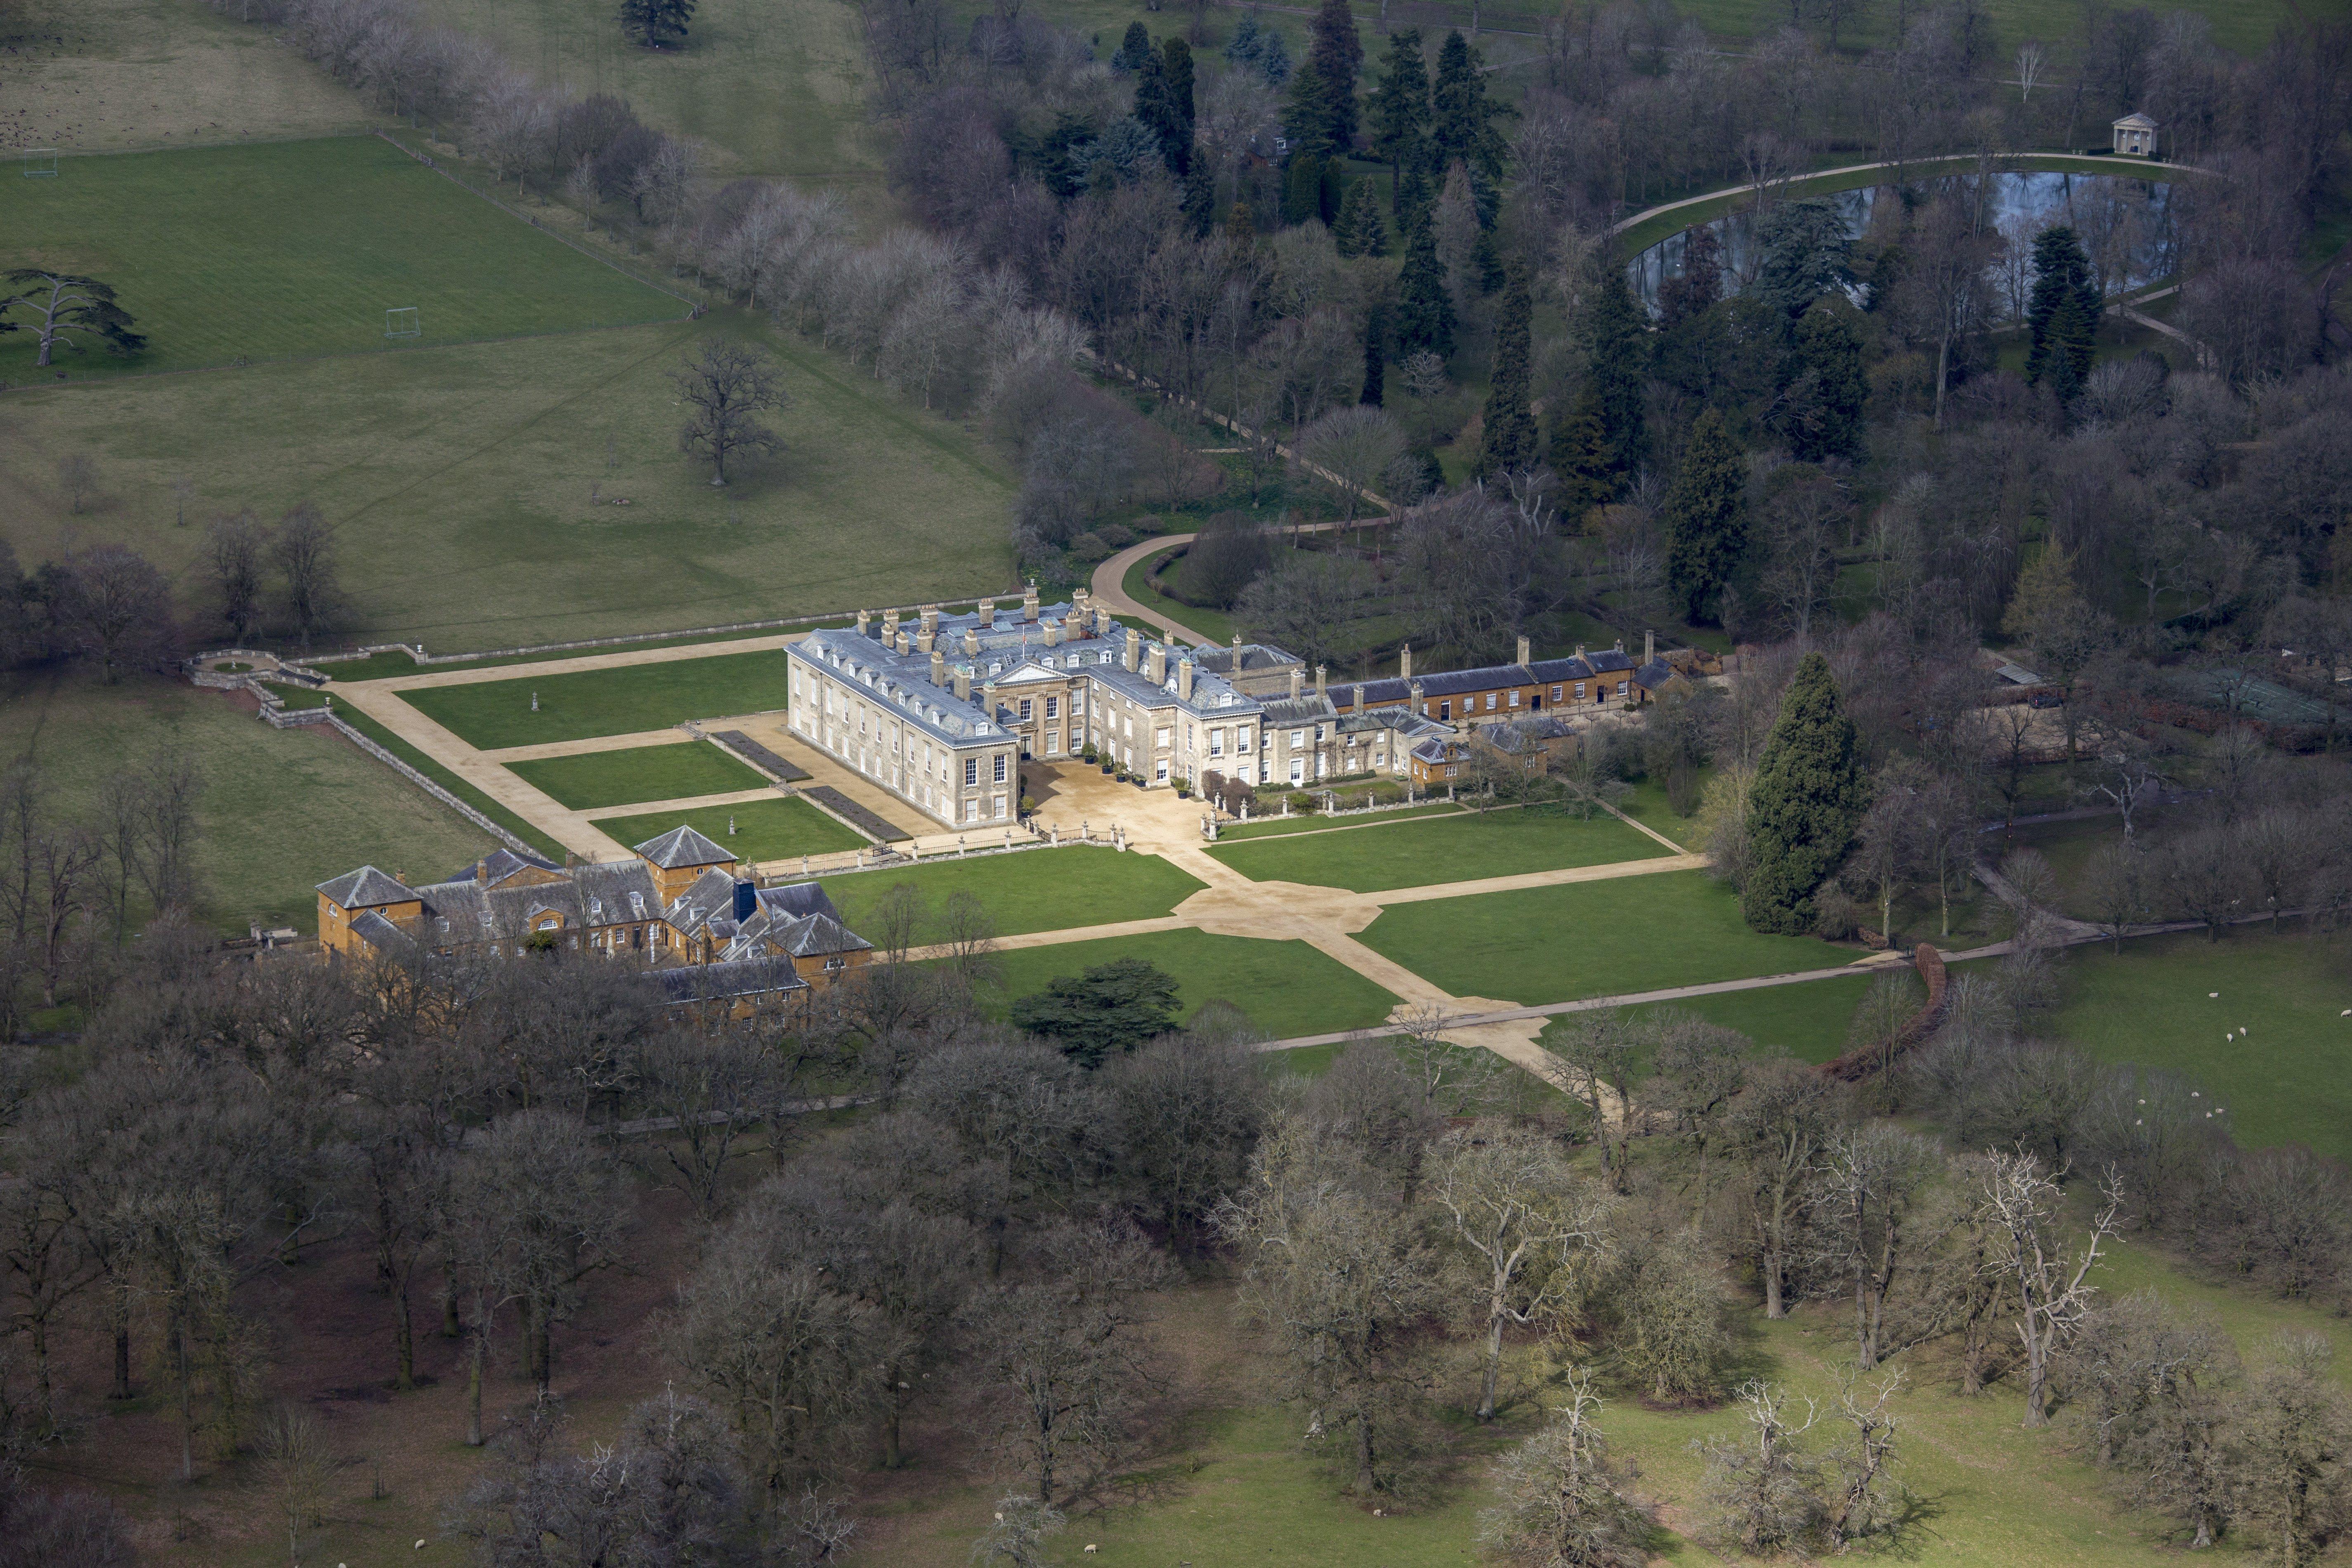 Vista aérea de la Casa Althorp, el lago del Óvalo y los terrenos de la propiedad donde se crió y yace enterrada Lady Diana Spencer, quien sería la Princesa de Gales, en Harlestone Road, a 5 millas de Northampton | Fuente: Getty Images